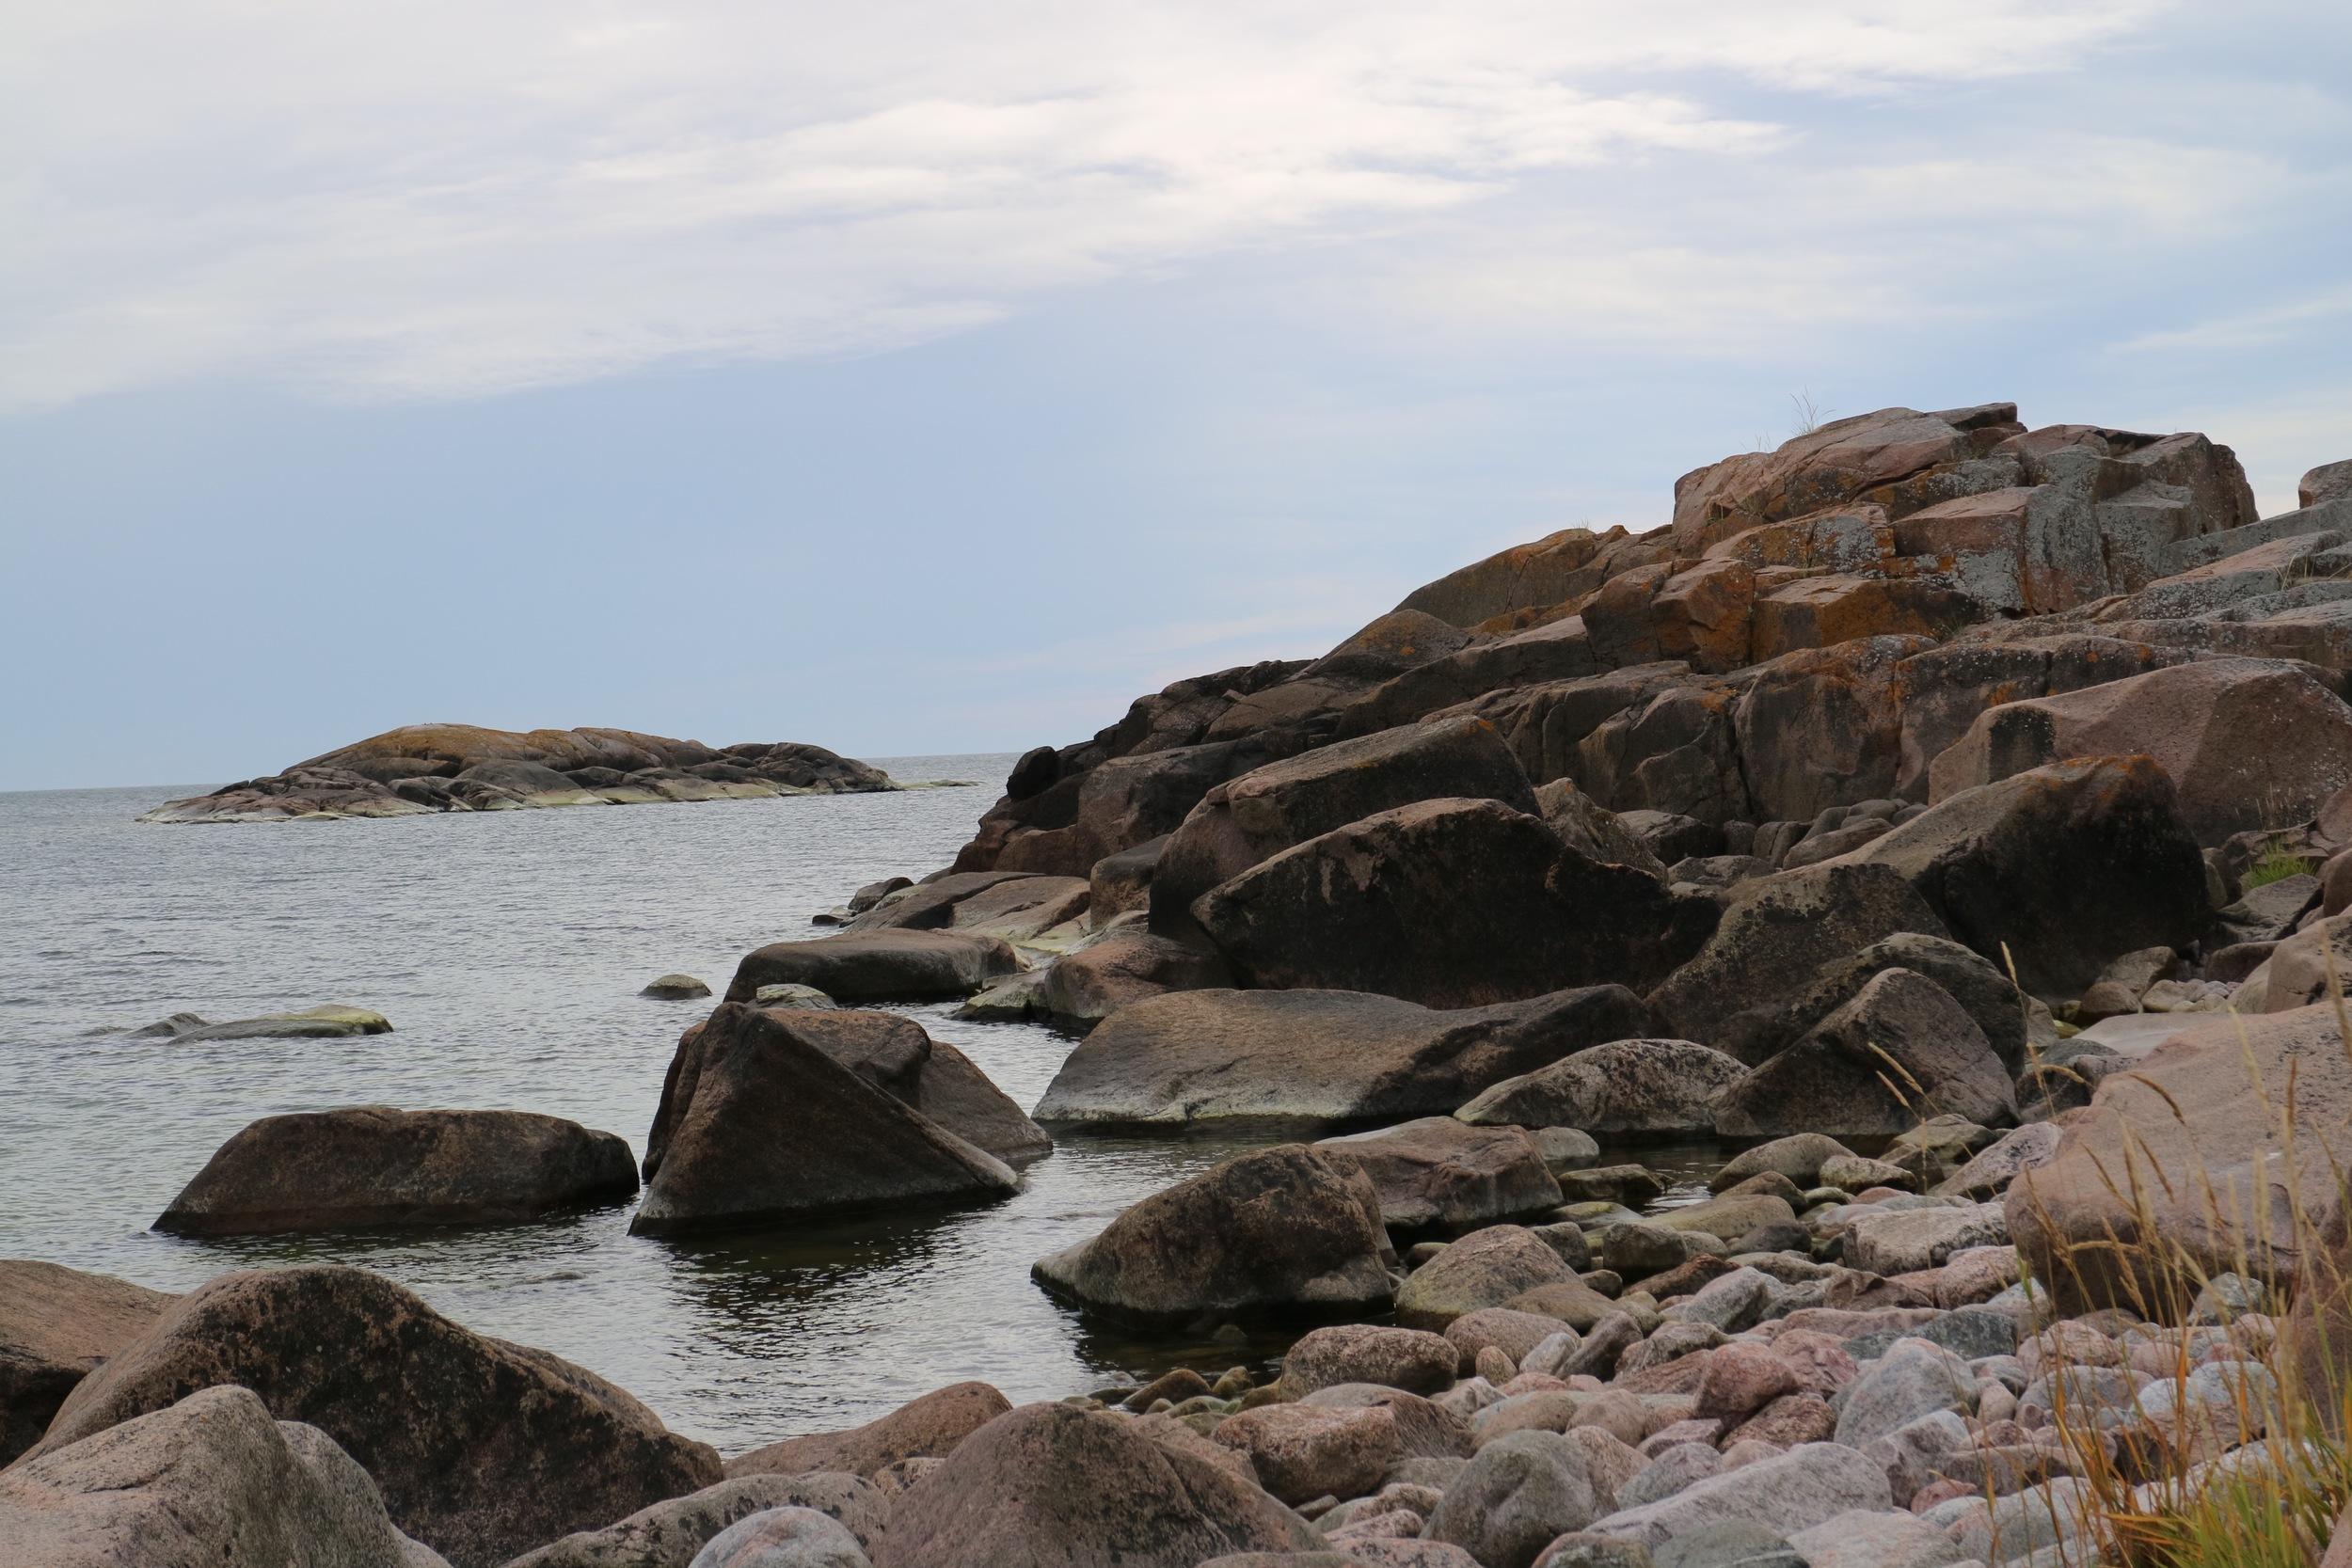 Källskär_Rocks by sea.jpg